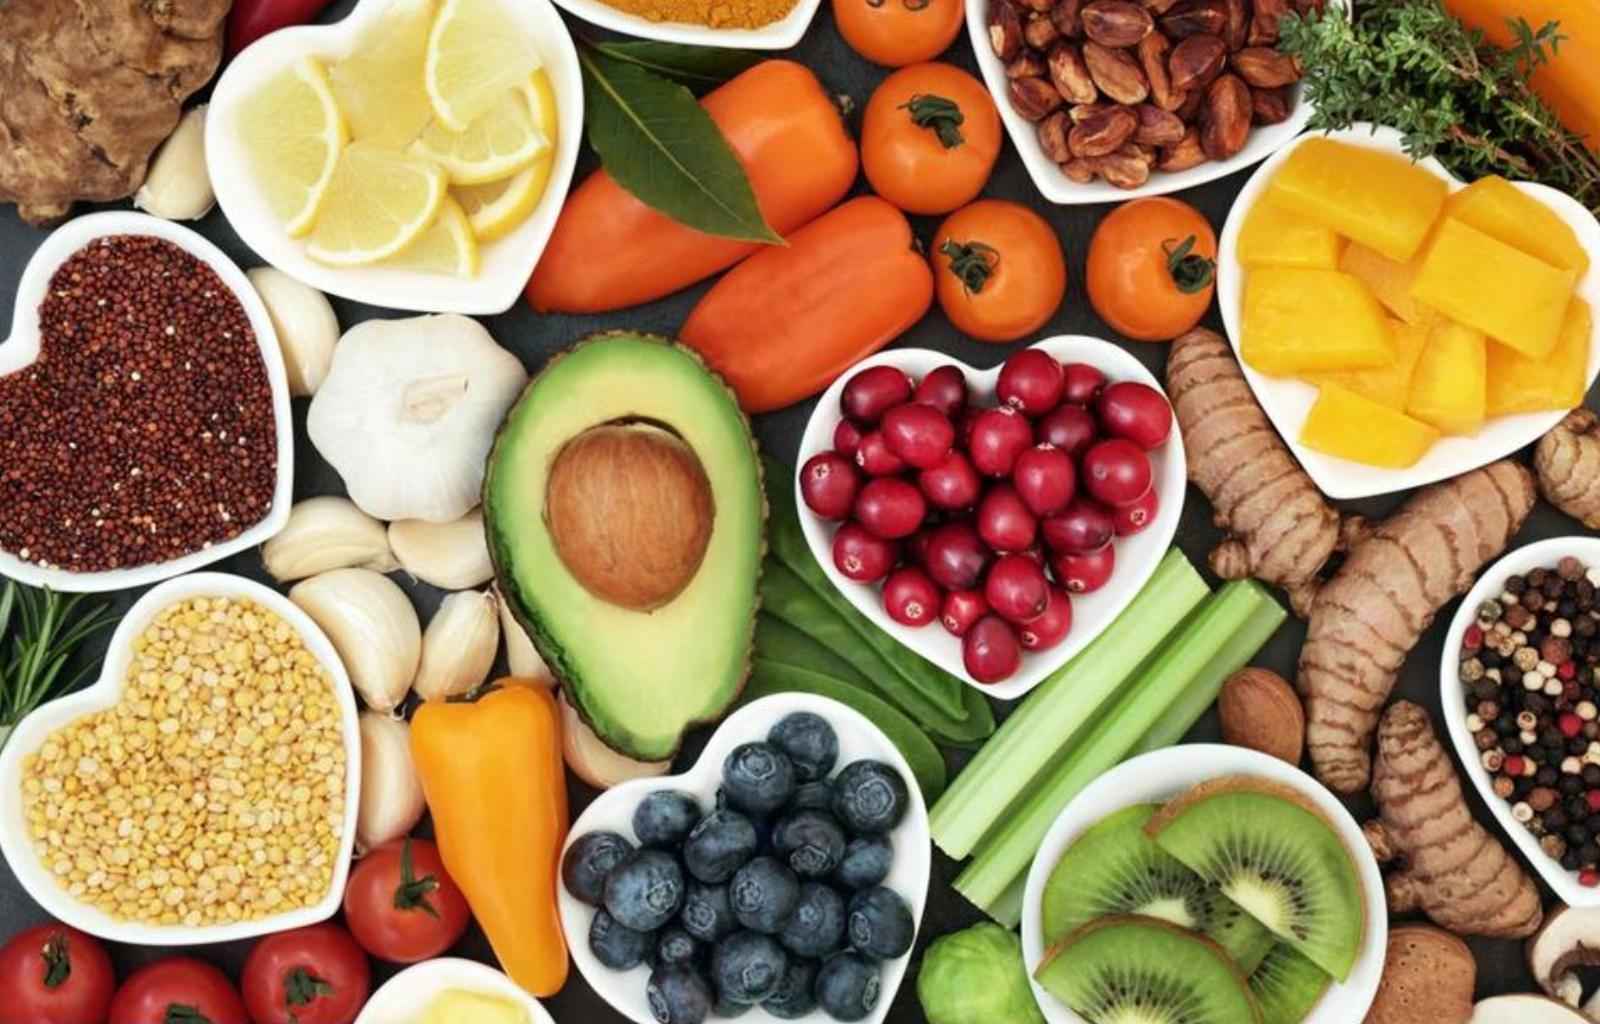 https://cdn2.hubspot.net/hubfs/2470171/blog/Foods%20that%20Boost%20Immunity.jpg Feature Image